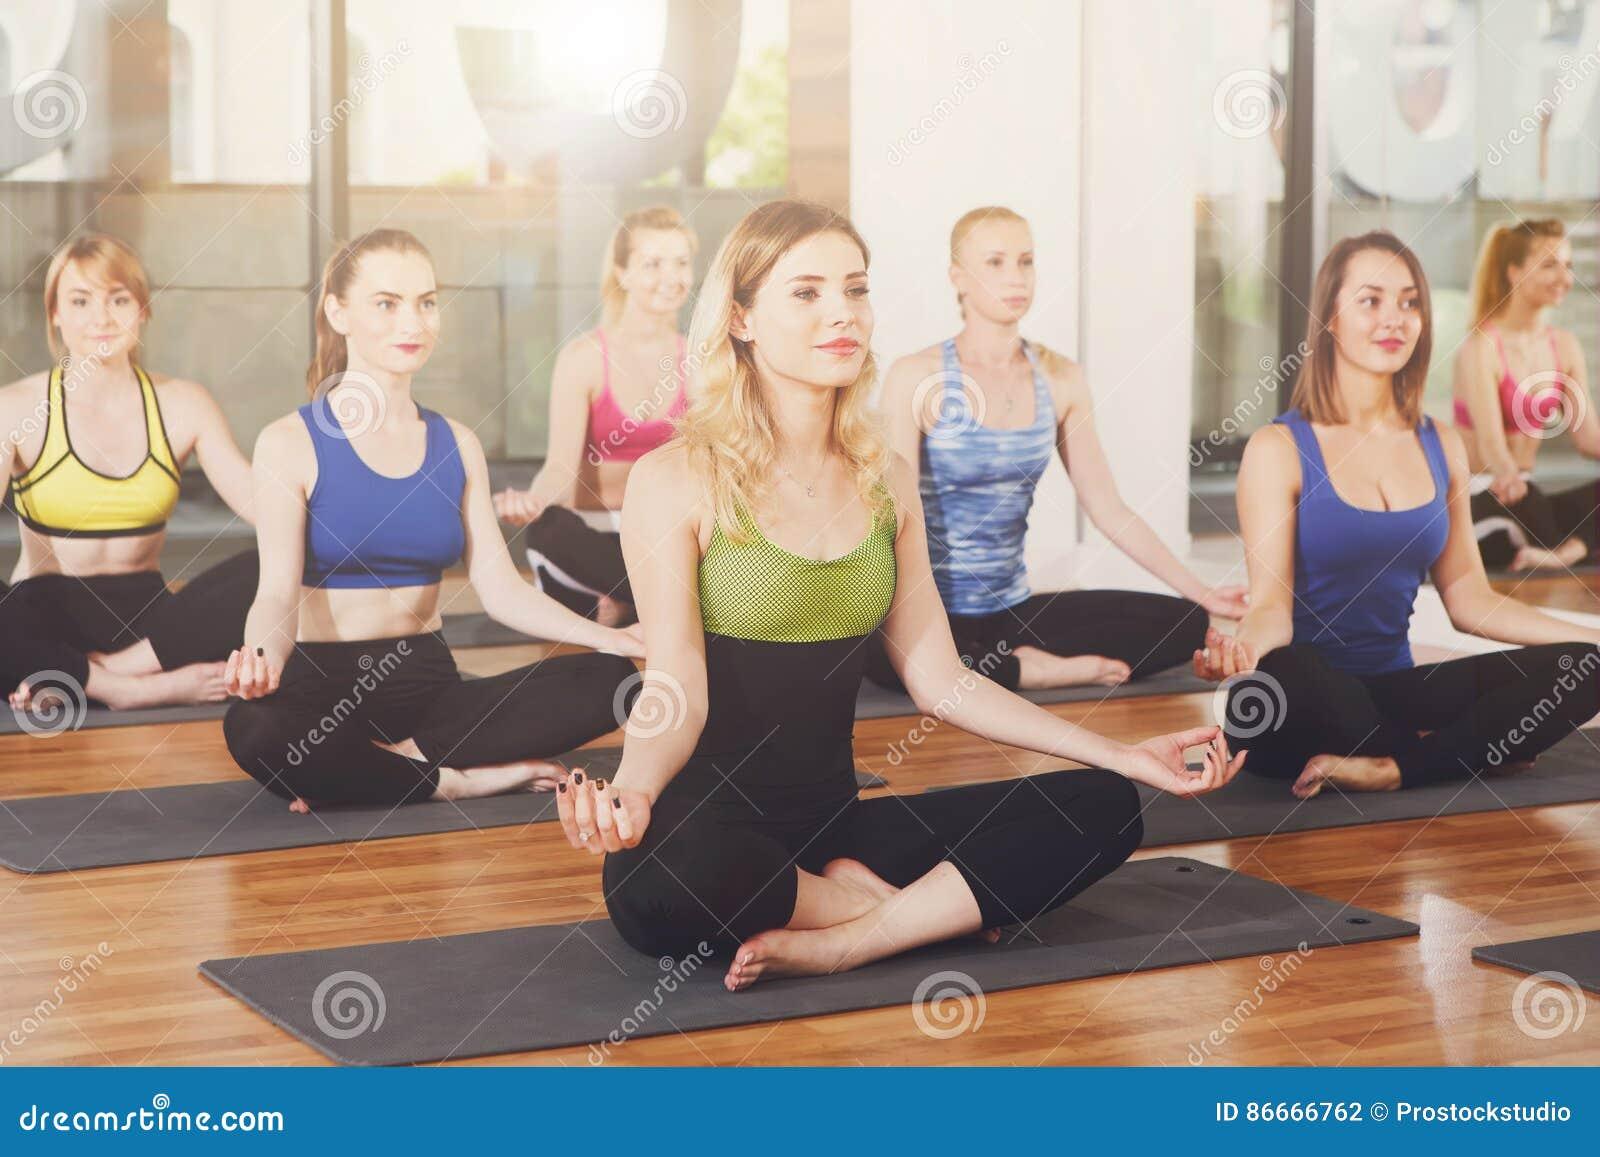 Gruppe junge Frauen in der Yogaklasse